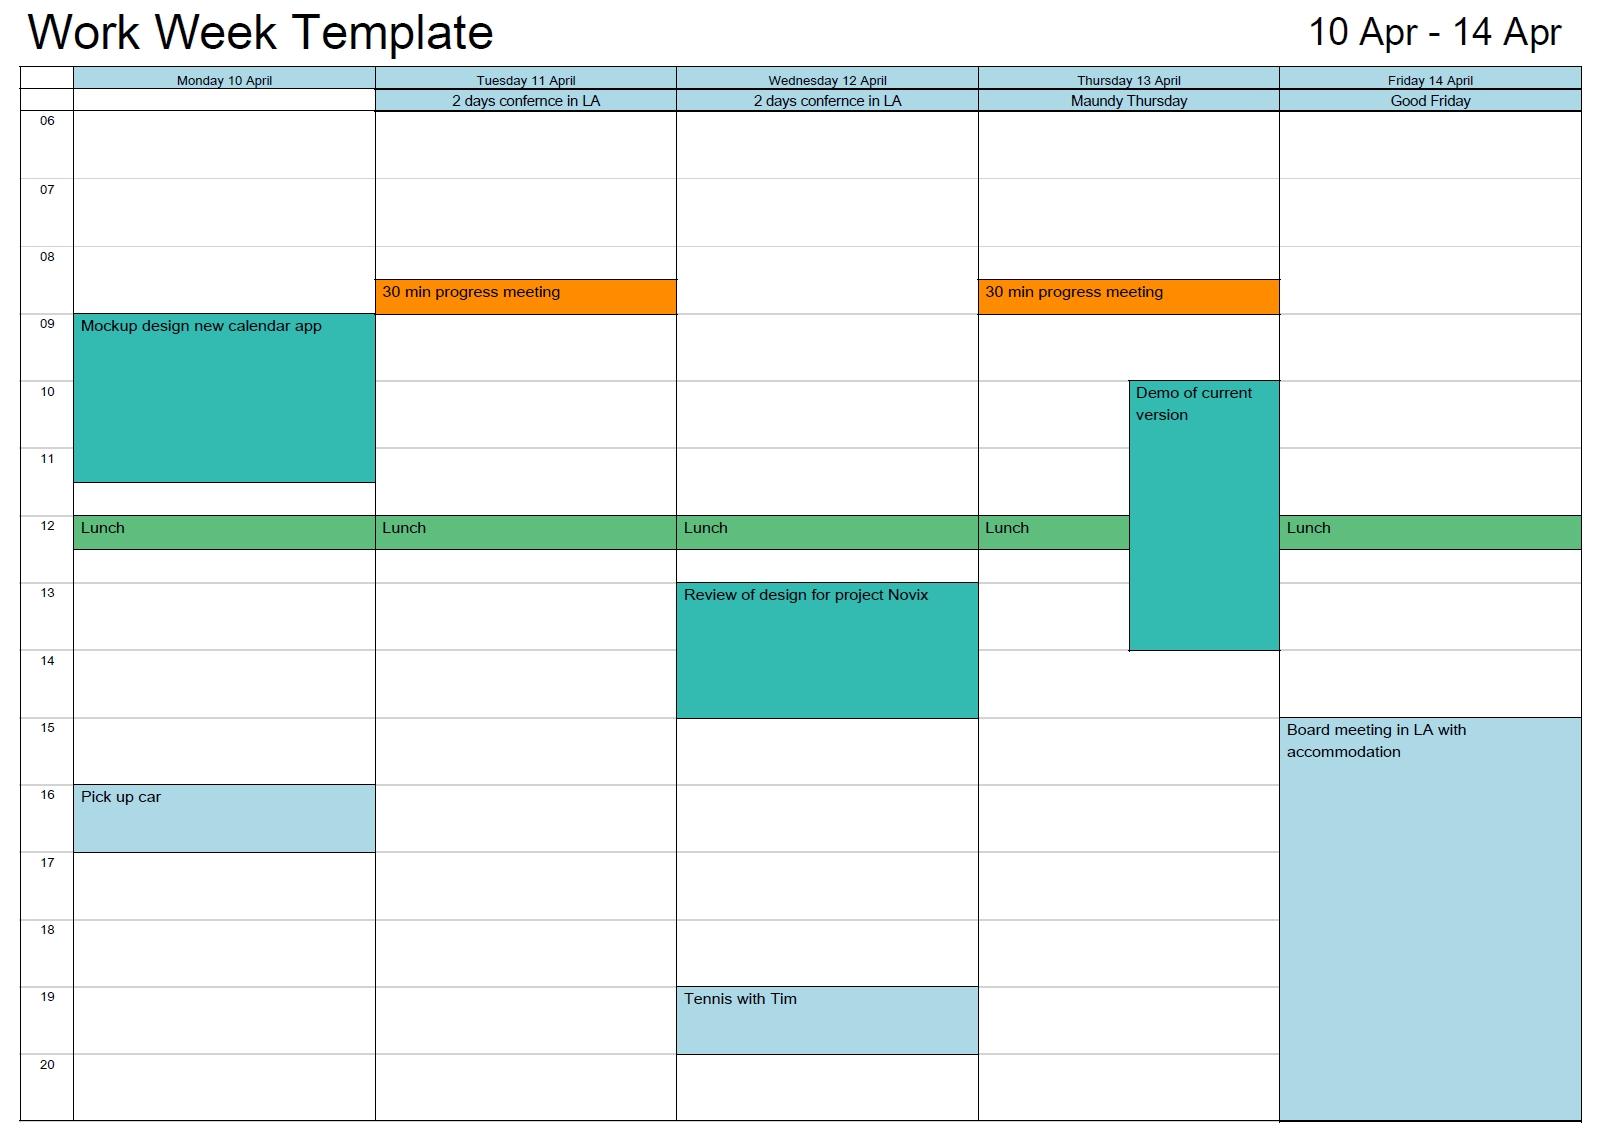 Outlook Printable Calendar In A4/a3 | Outlook Calendar Print_Print Blank Calendar Outlook